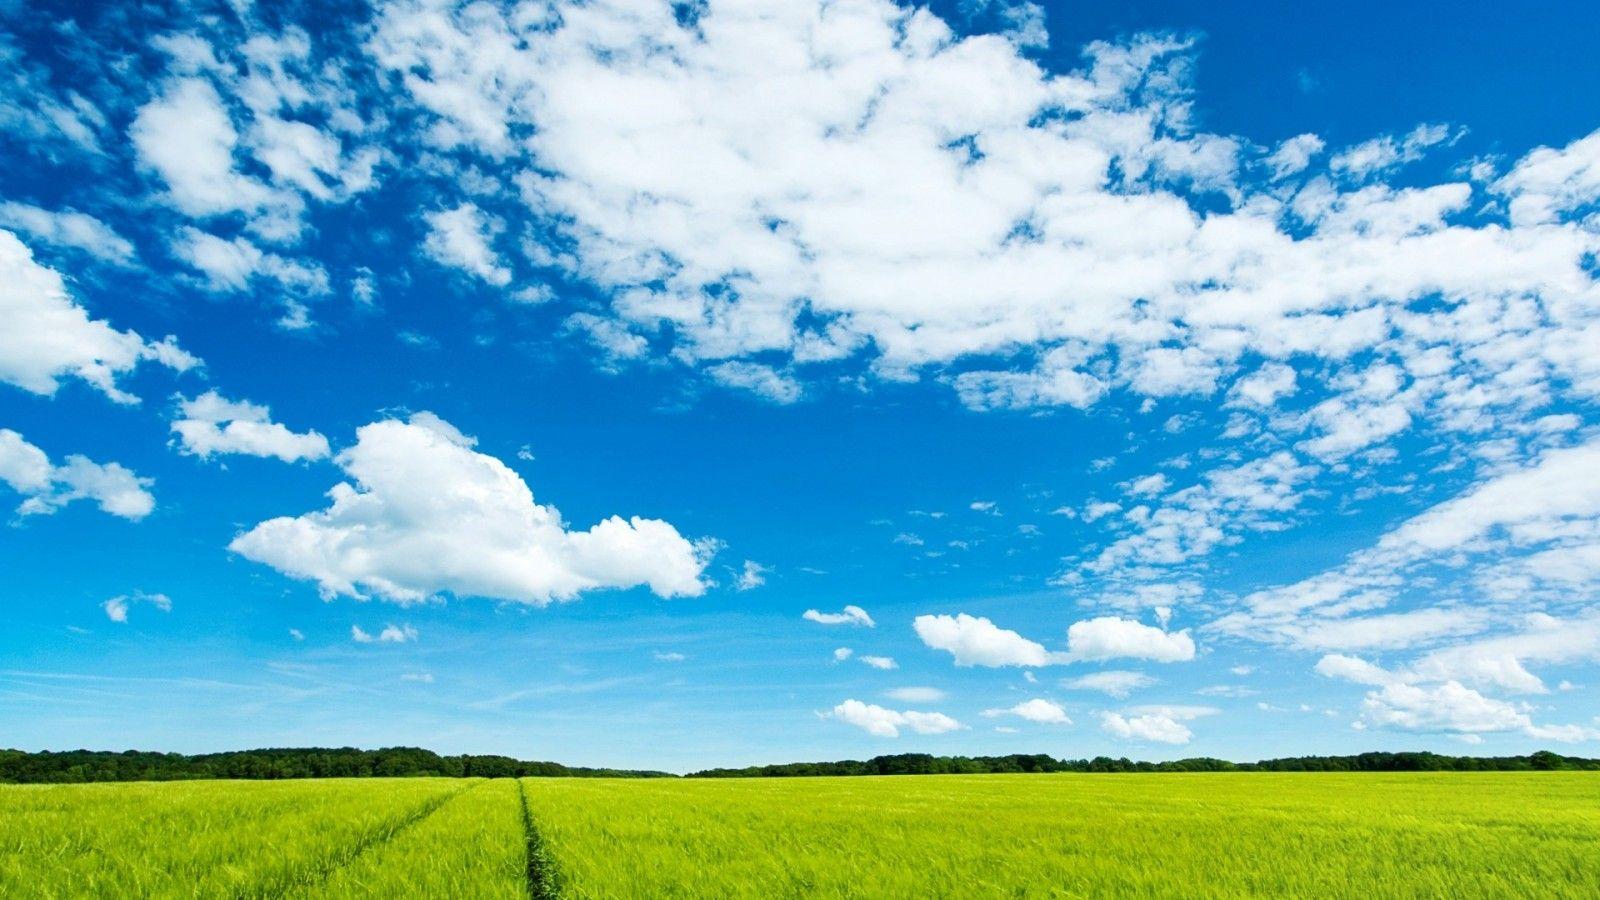 背景 壁纸 草原 风景 天空 桌面 1600_900图片